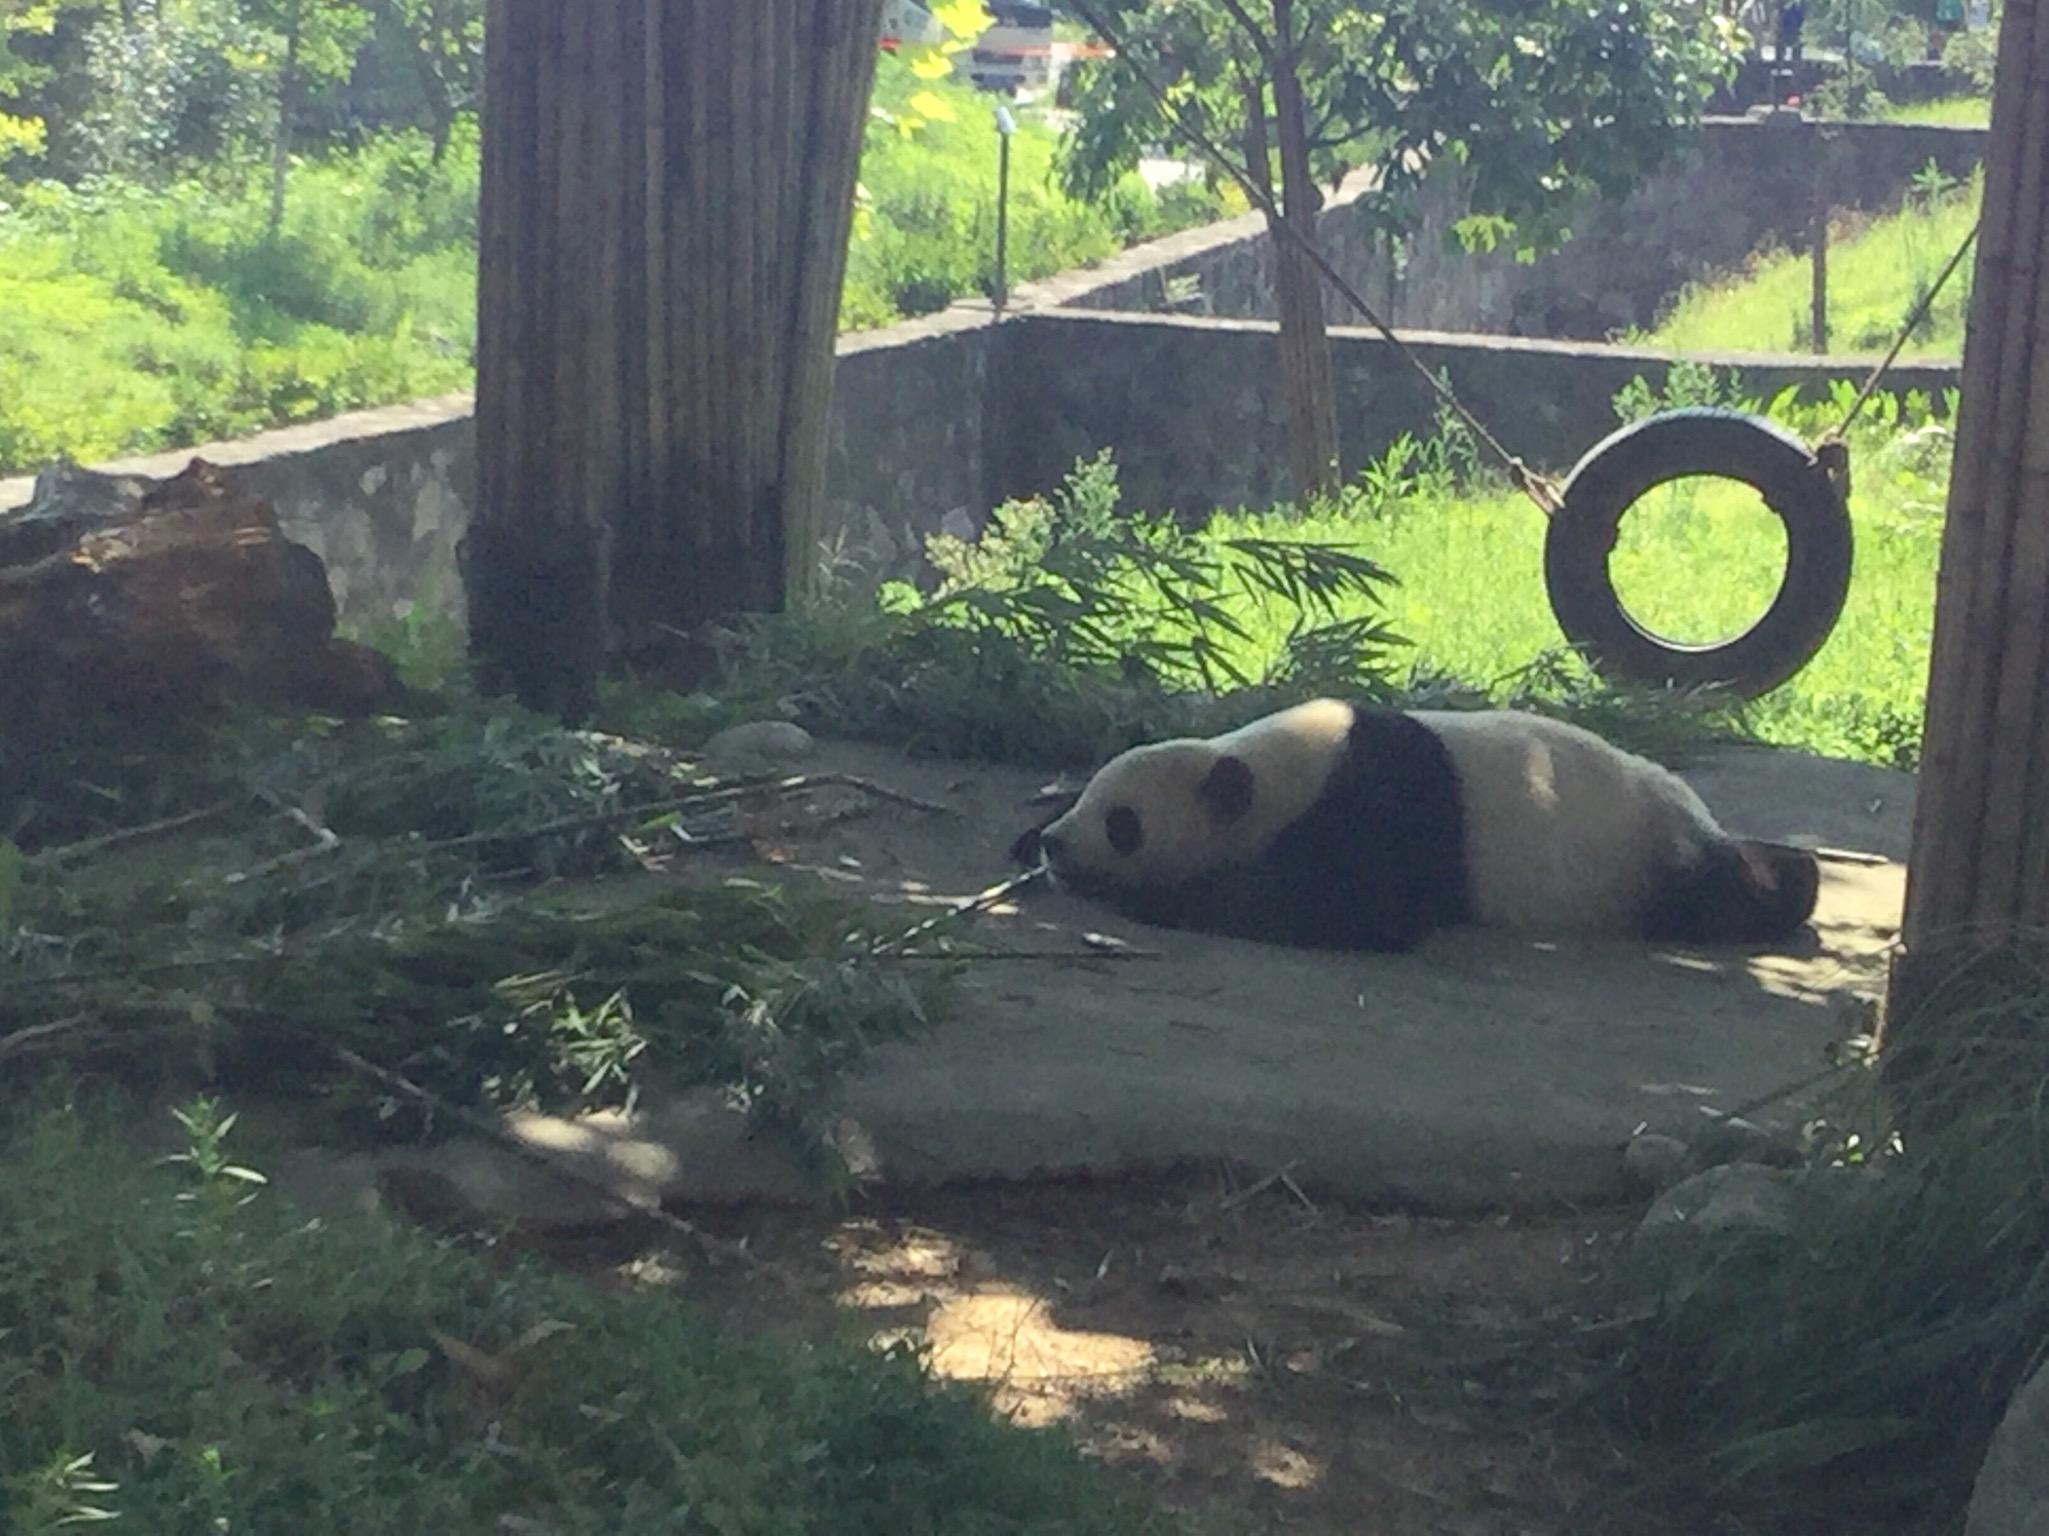 Panda Tai Shan, Apple iPad mini 4, iPad mini 4 back camera 3.3mm f/2.4